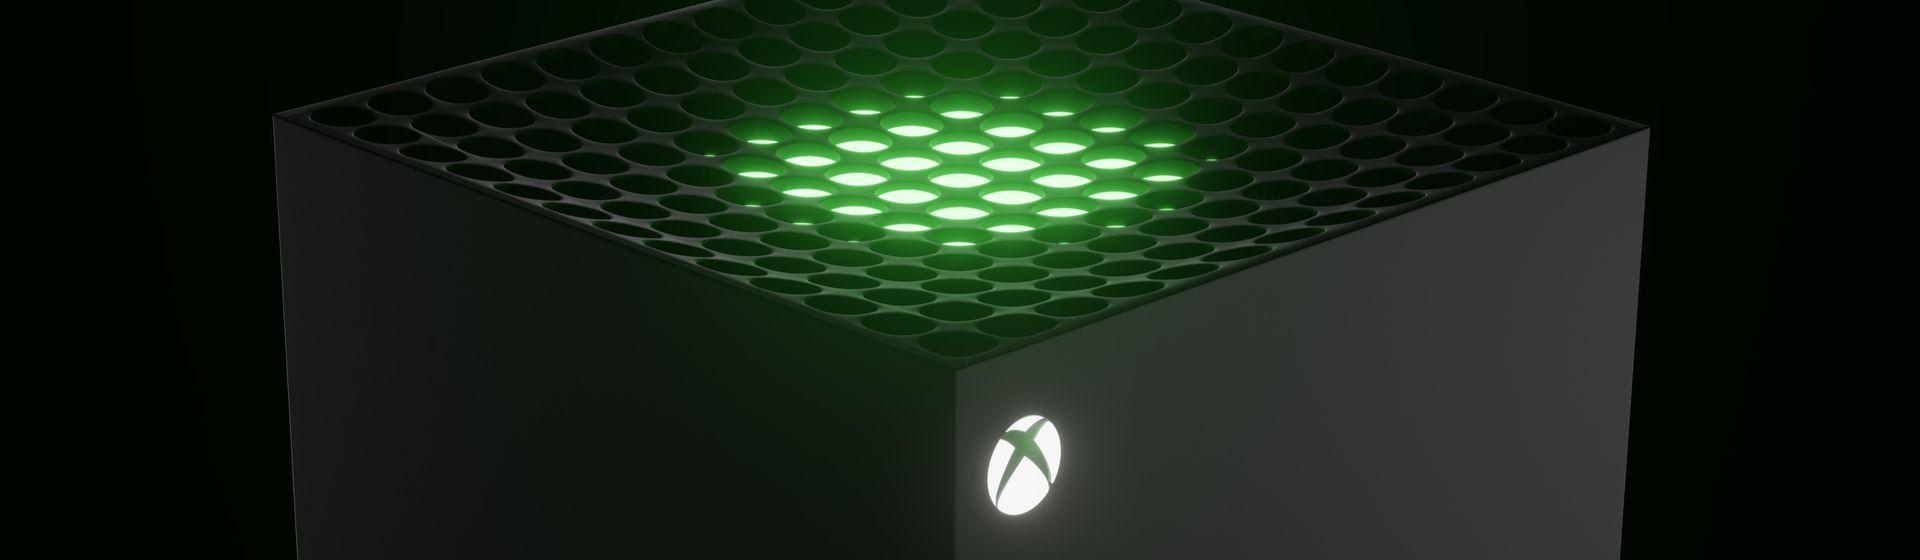 Xbox Series: confira a lista de jogos lançados com os consoles